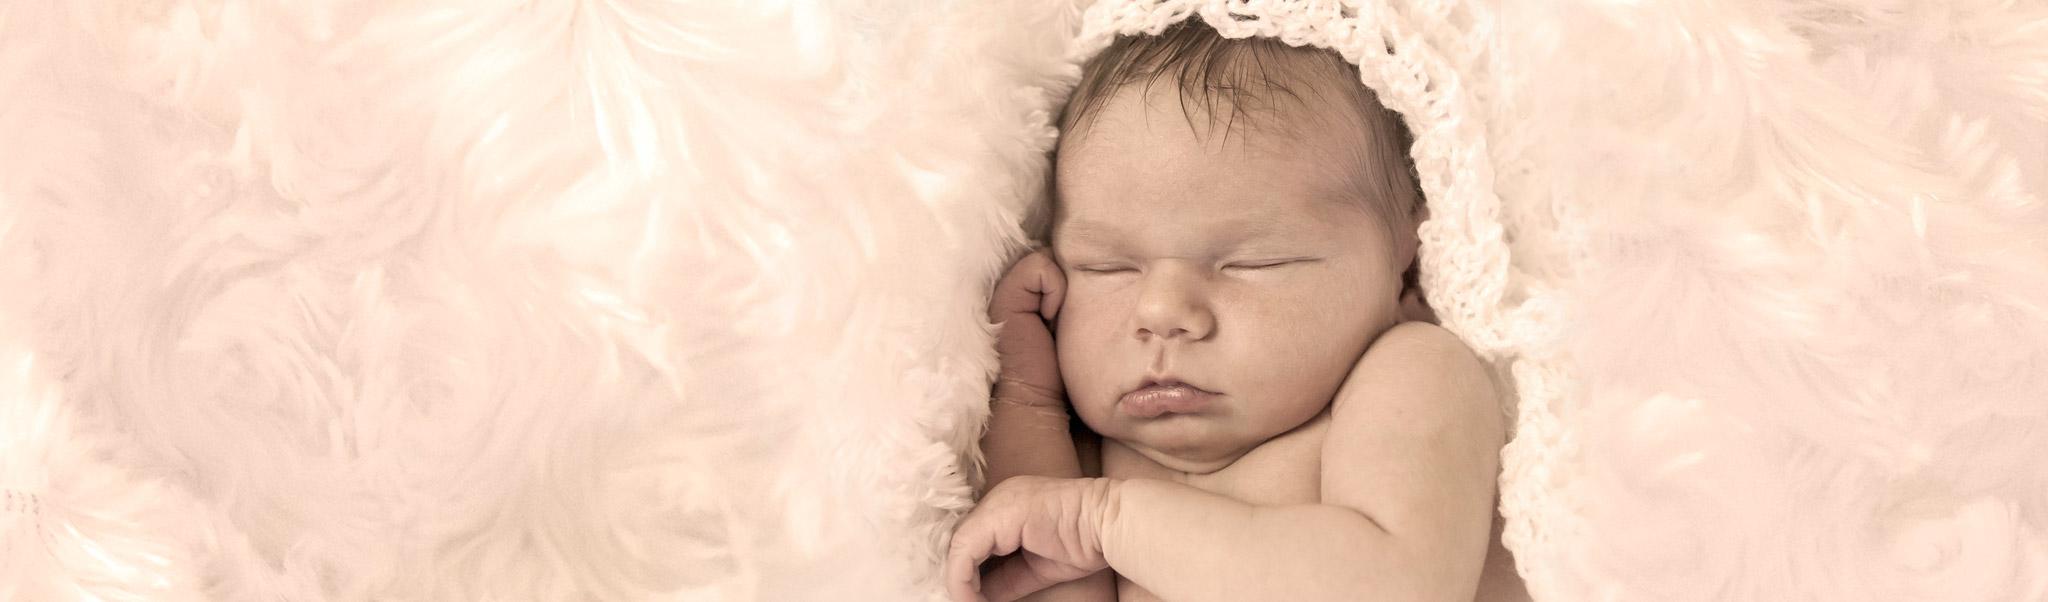 Traumzarte Babyfotografie